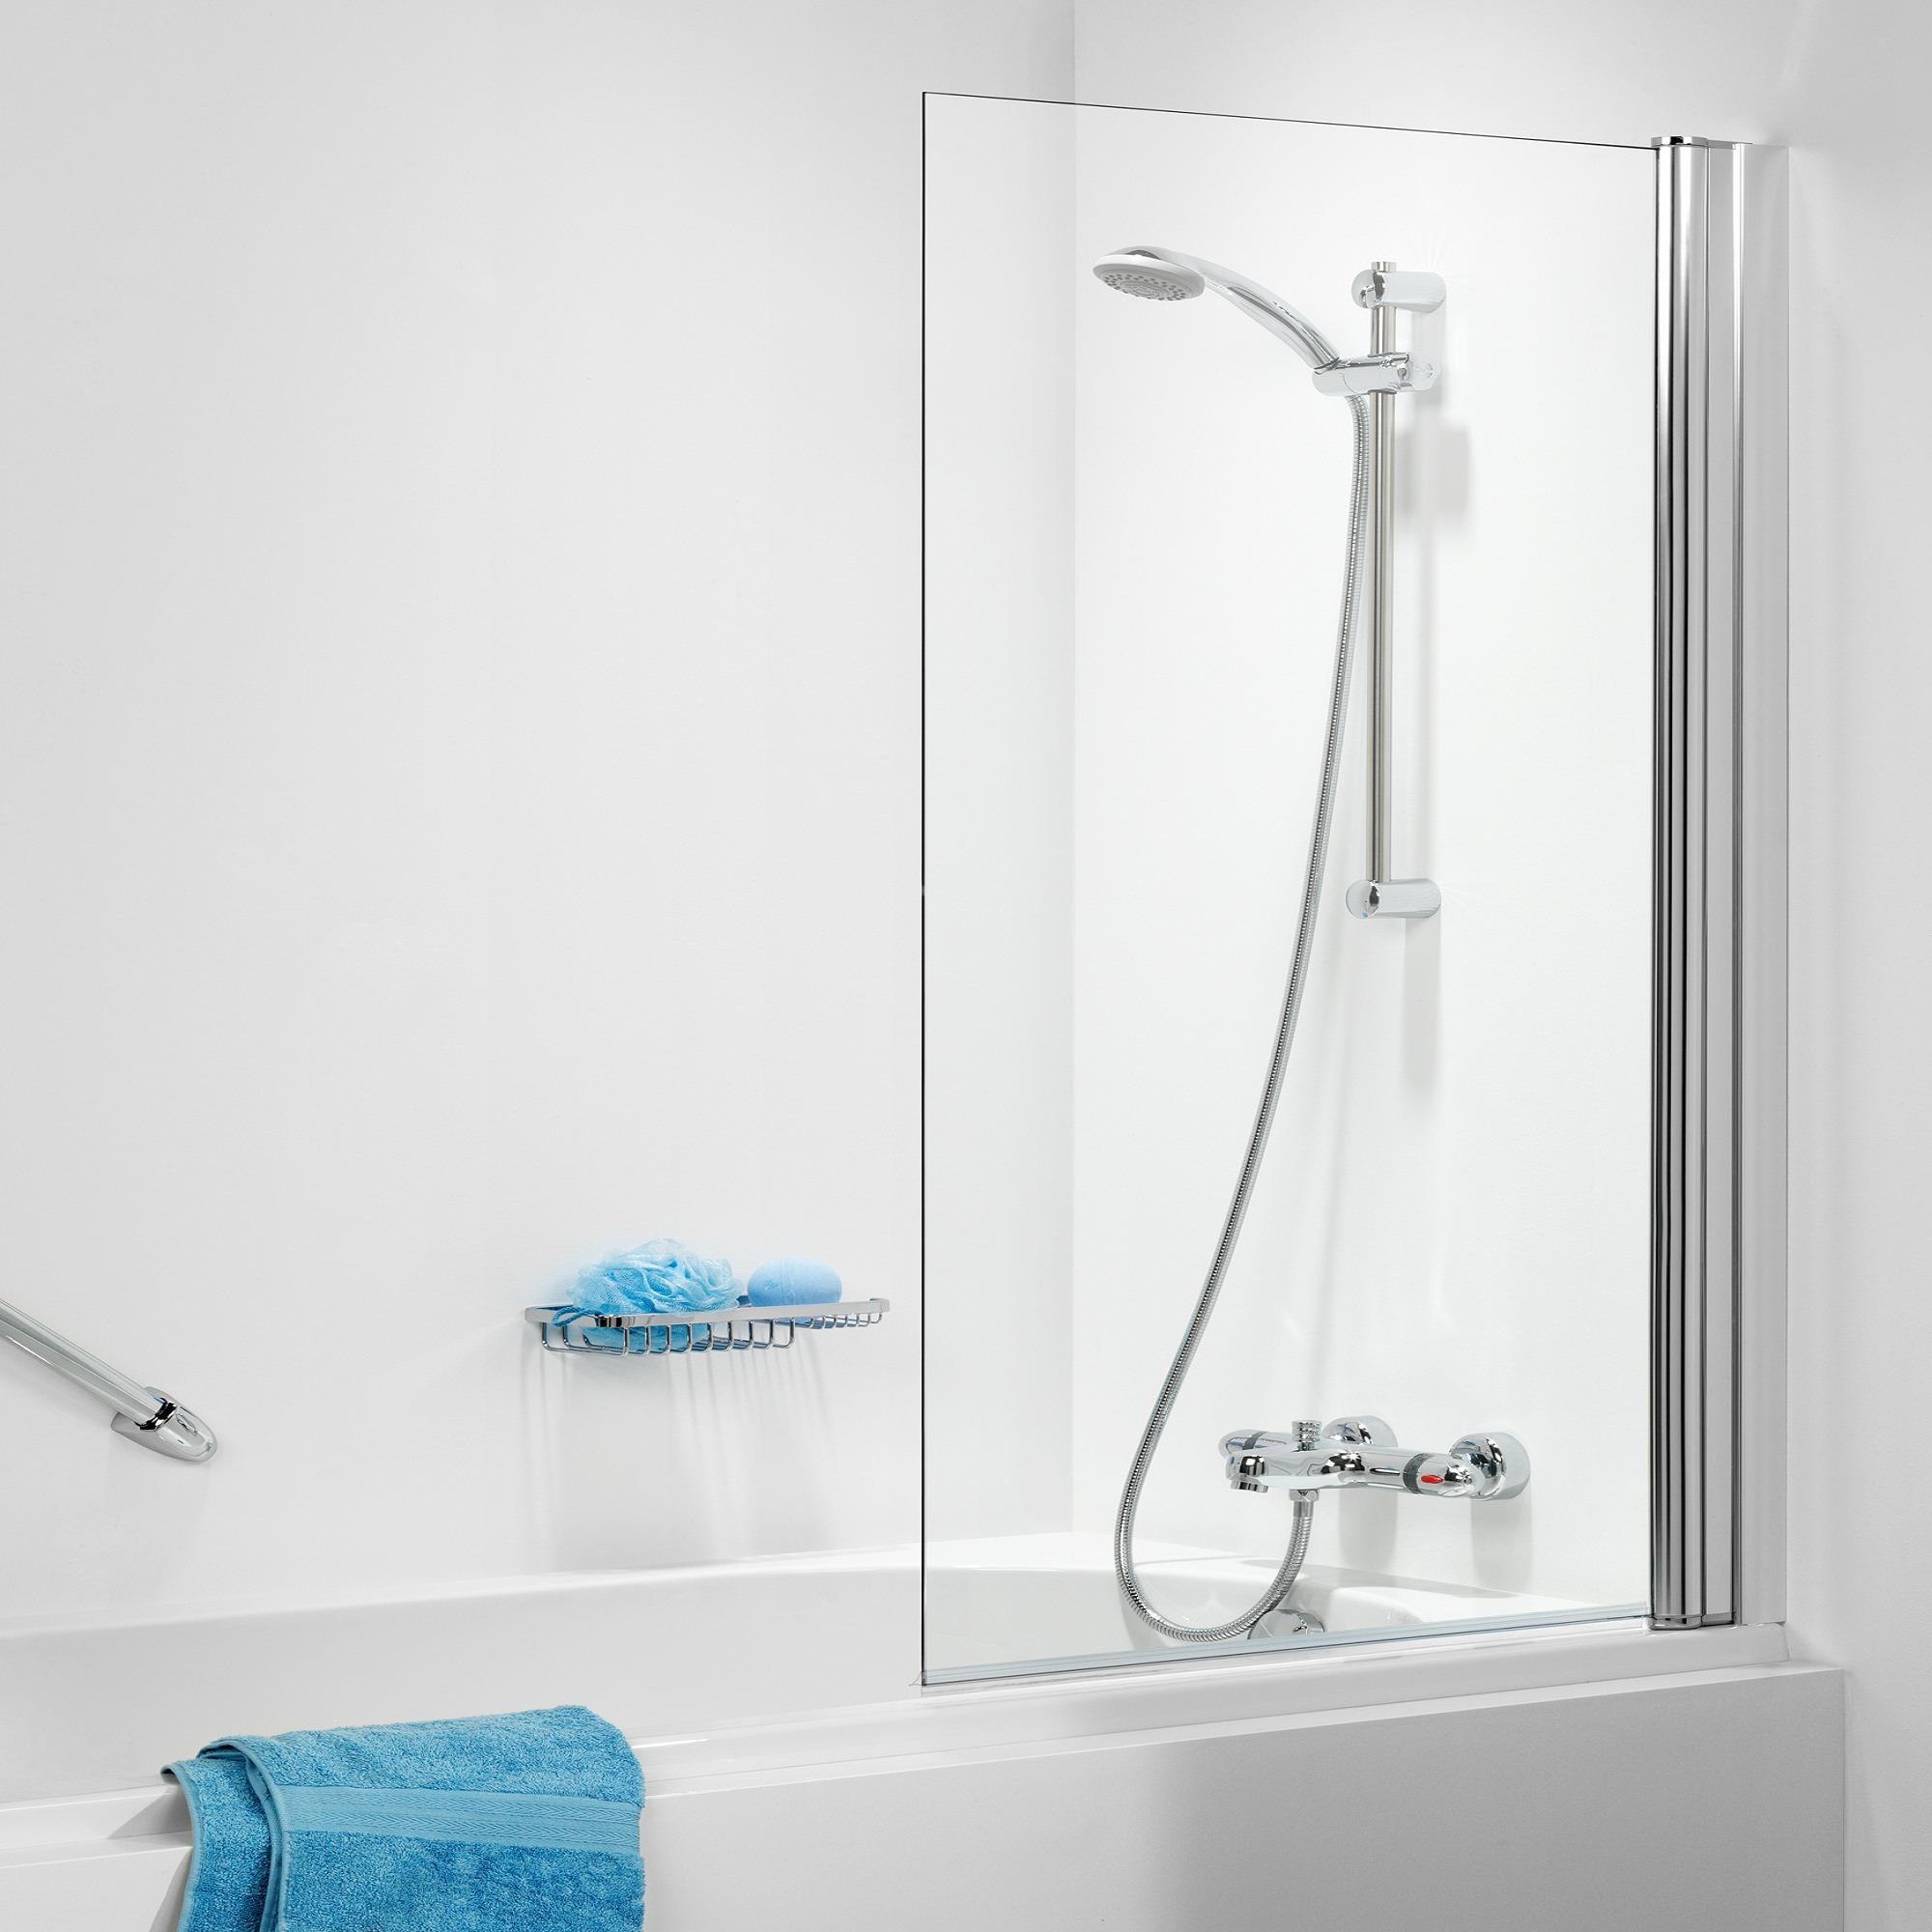 Sealskin Get Wet S105 badzijwand 1 delig 70x140cm chroom profiel en helder glas